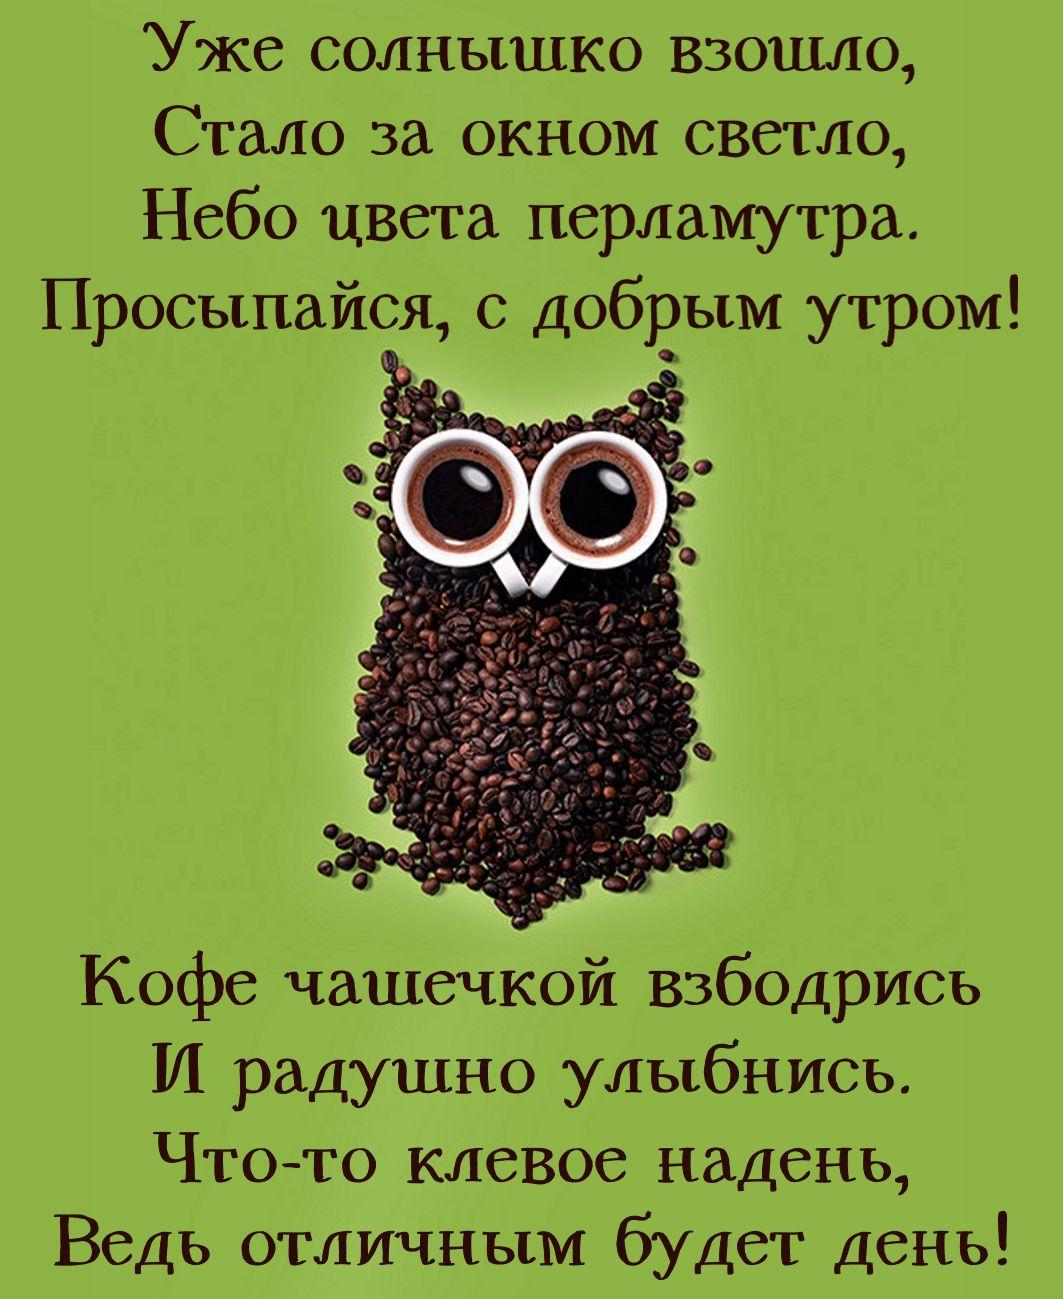 Открытка с добрым утром - сова из кофейных зернышек